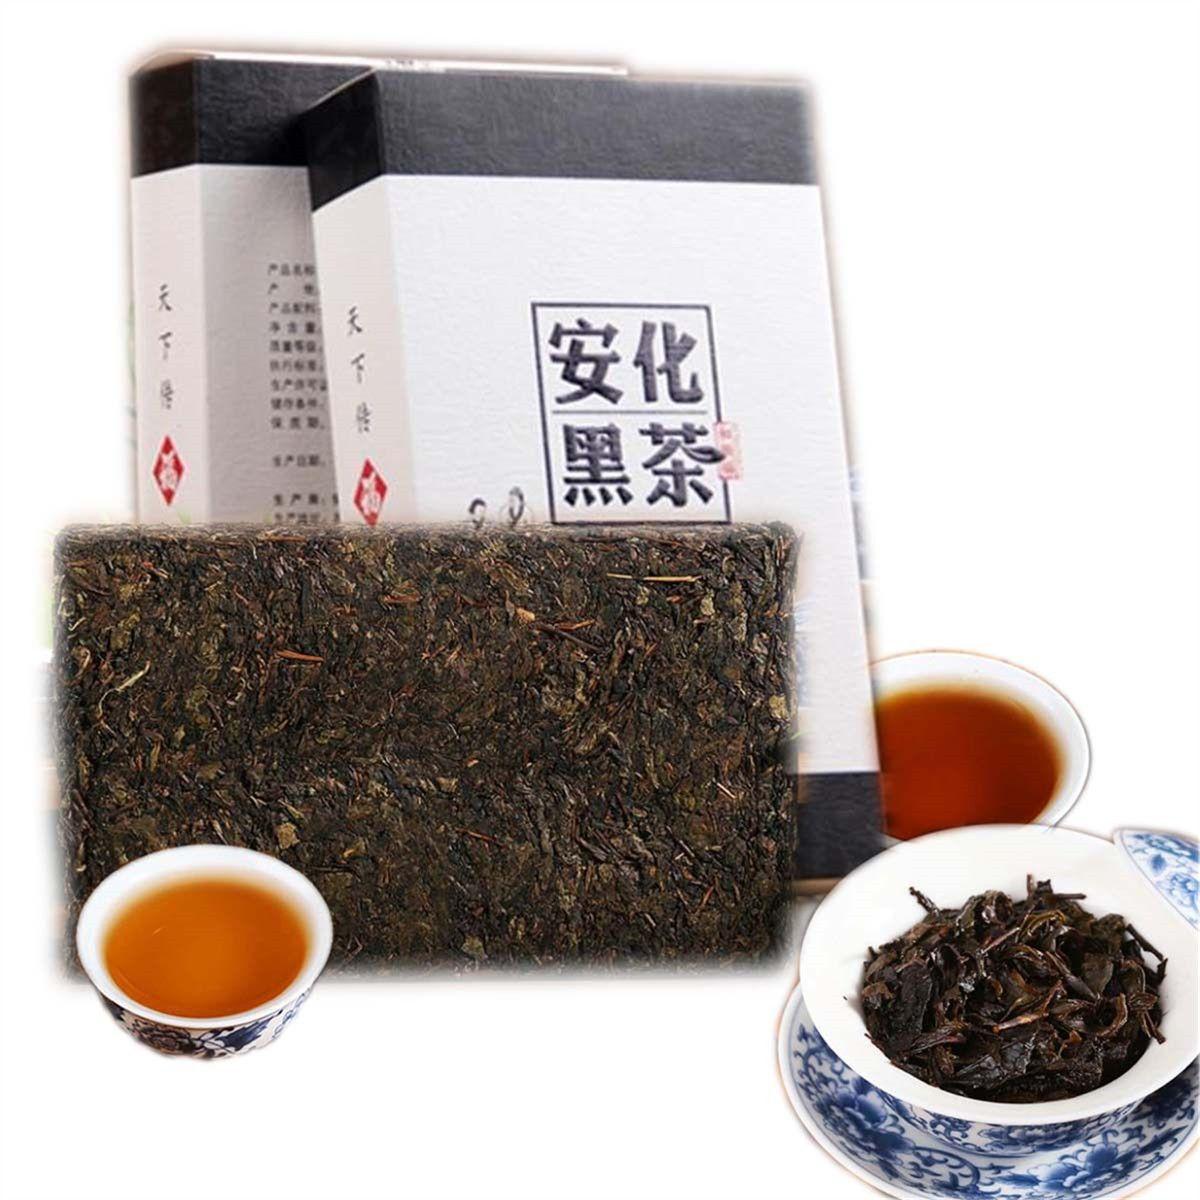 Verwenden Sie roten Tee, um Gewicht zu verlieren